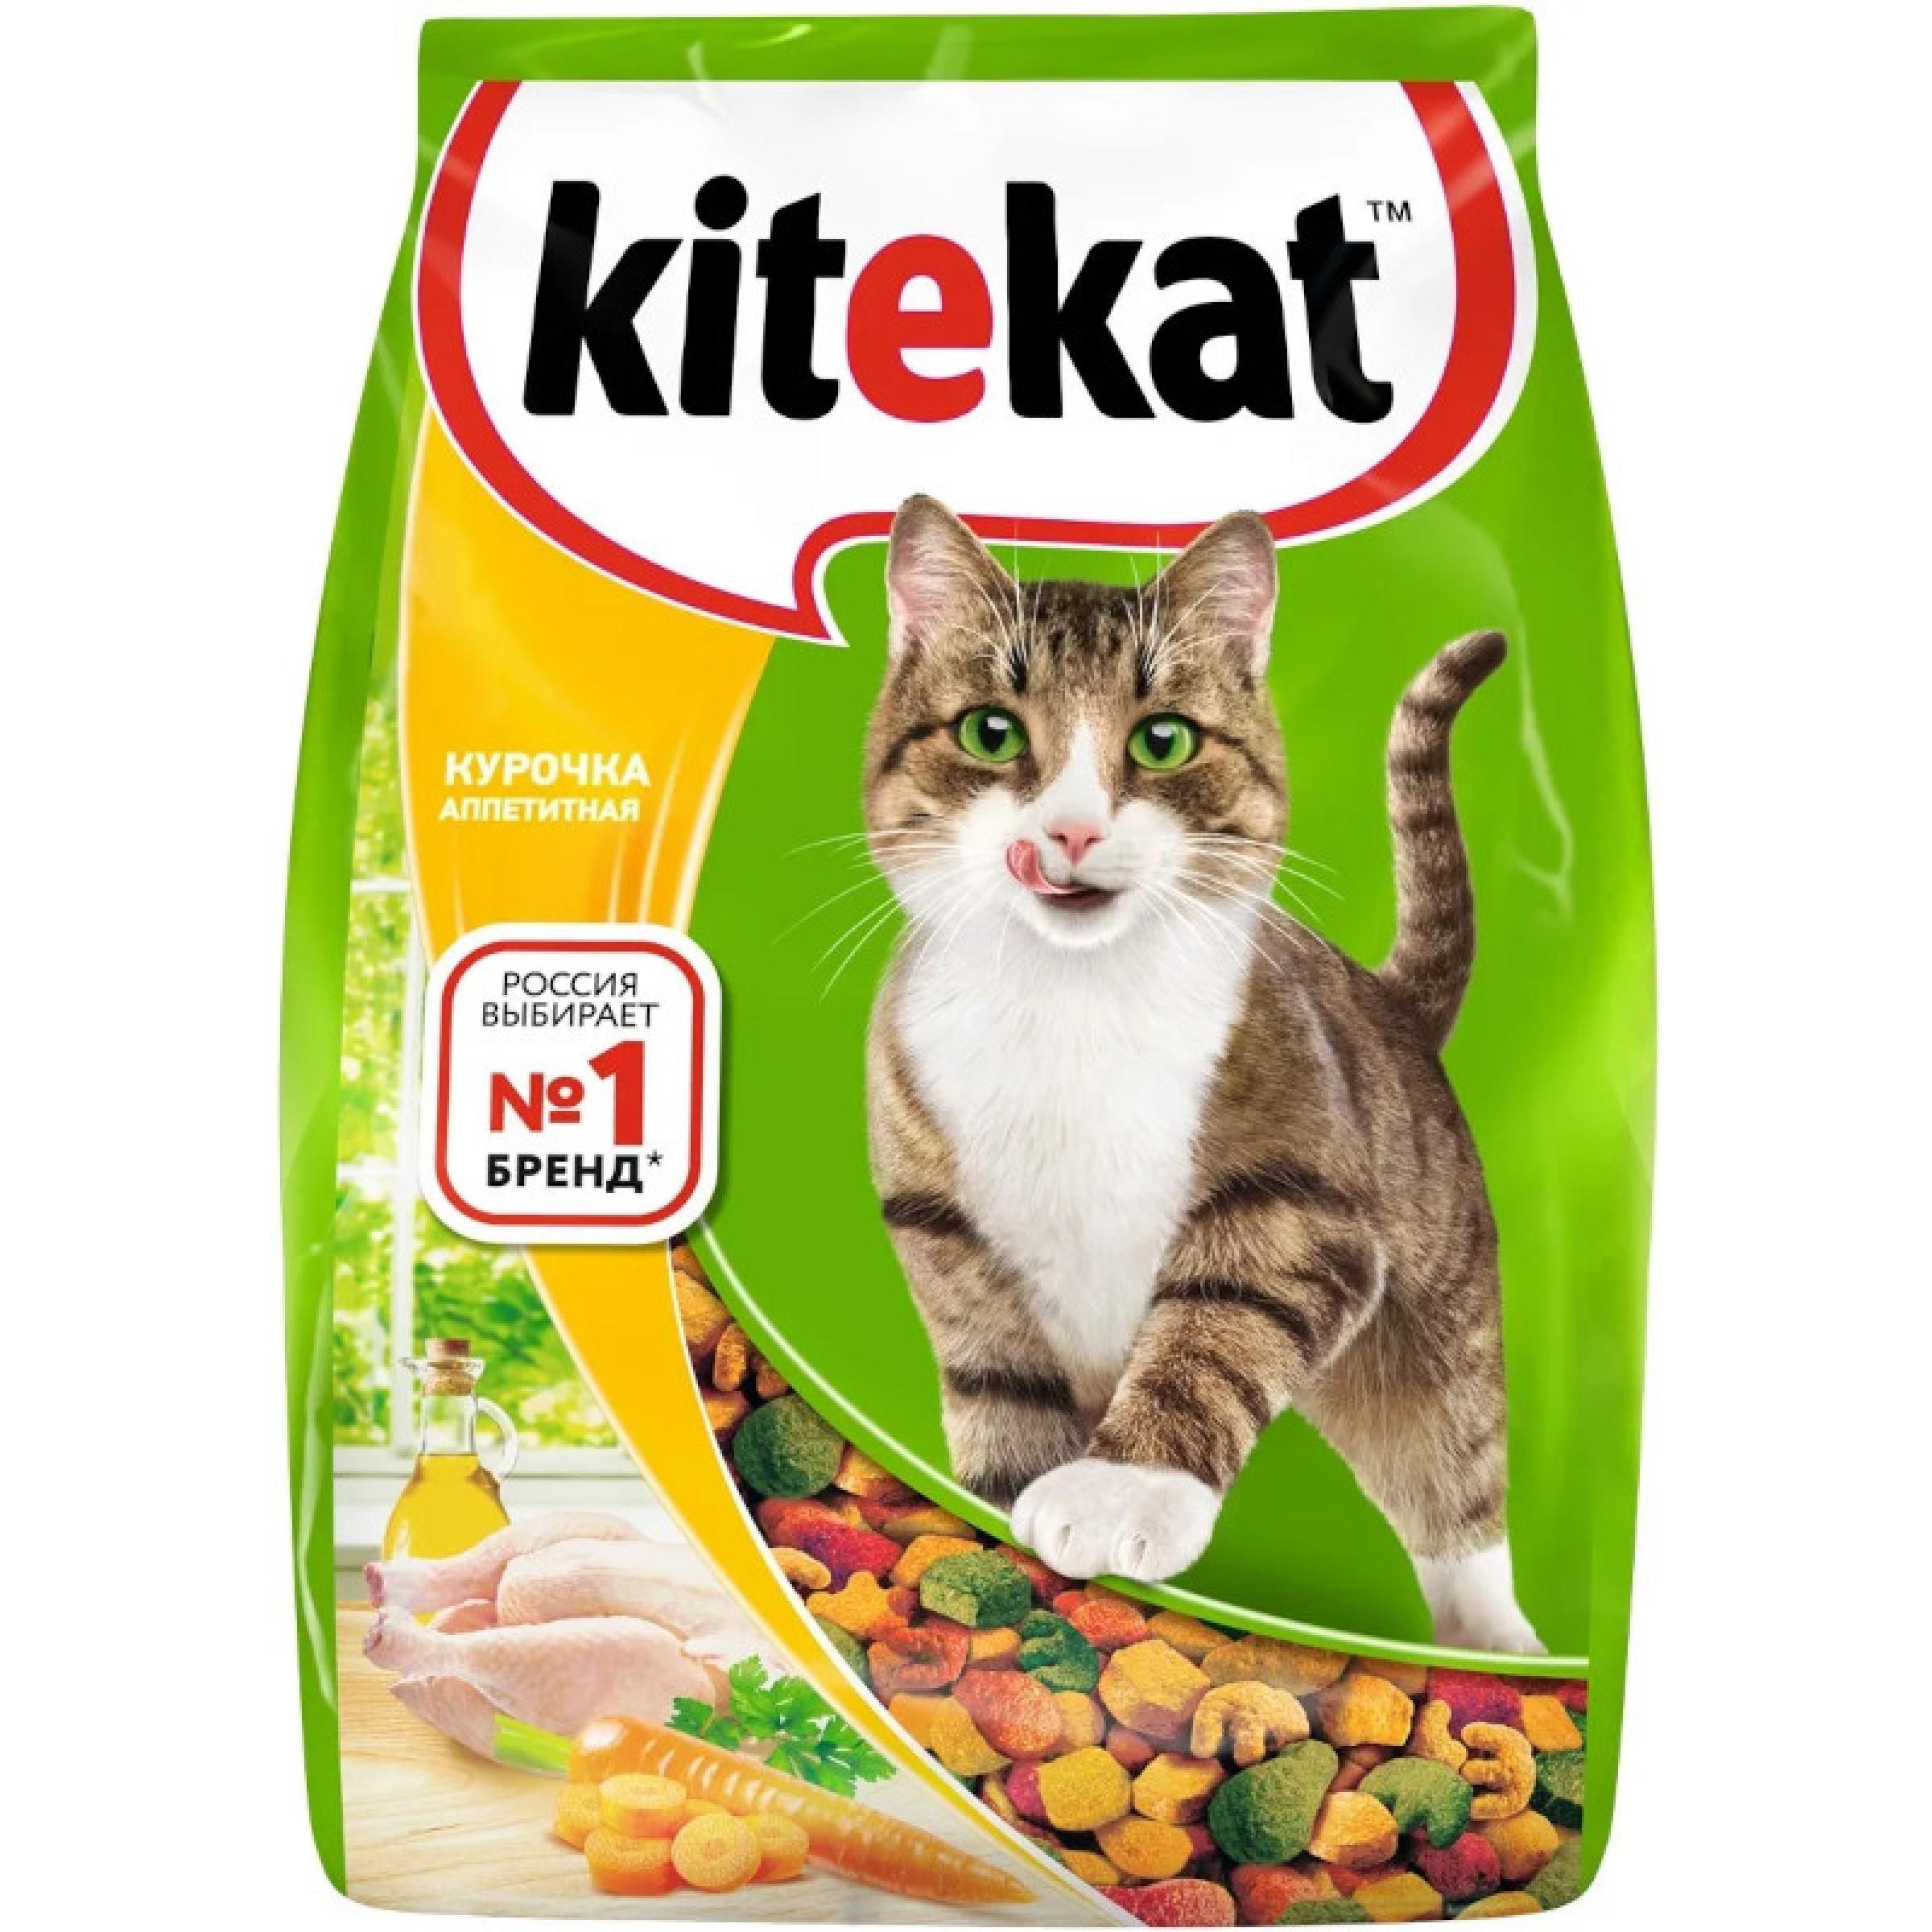 """Сухой корм для кошек """"Kitekat"""" Курочка Аппетитная, 1,9 кг"""